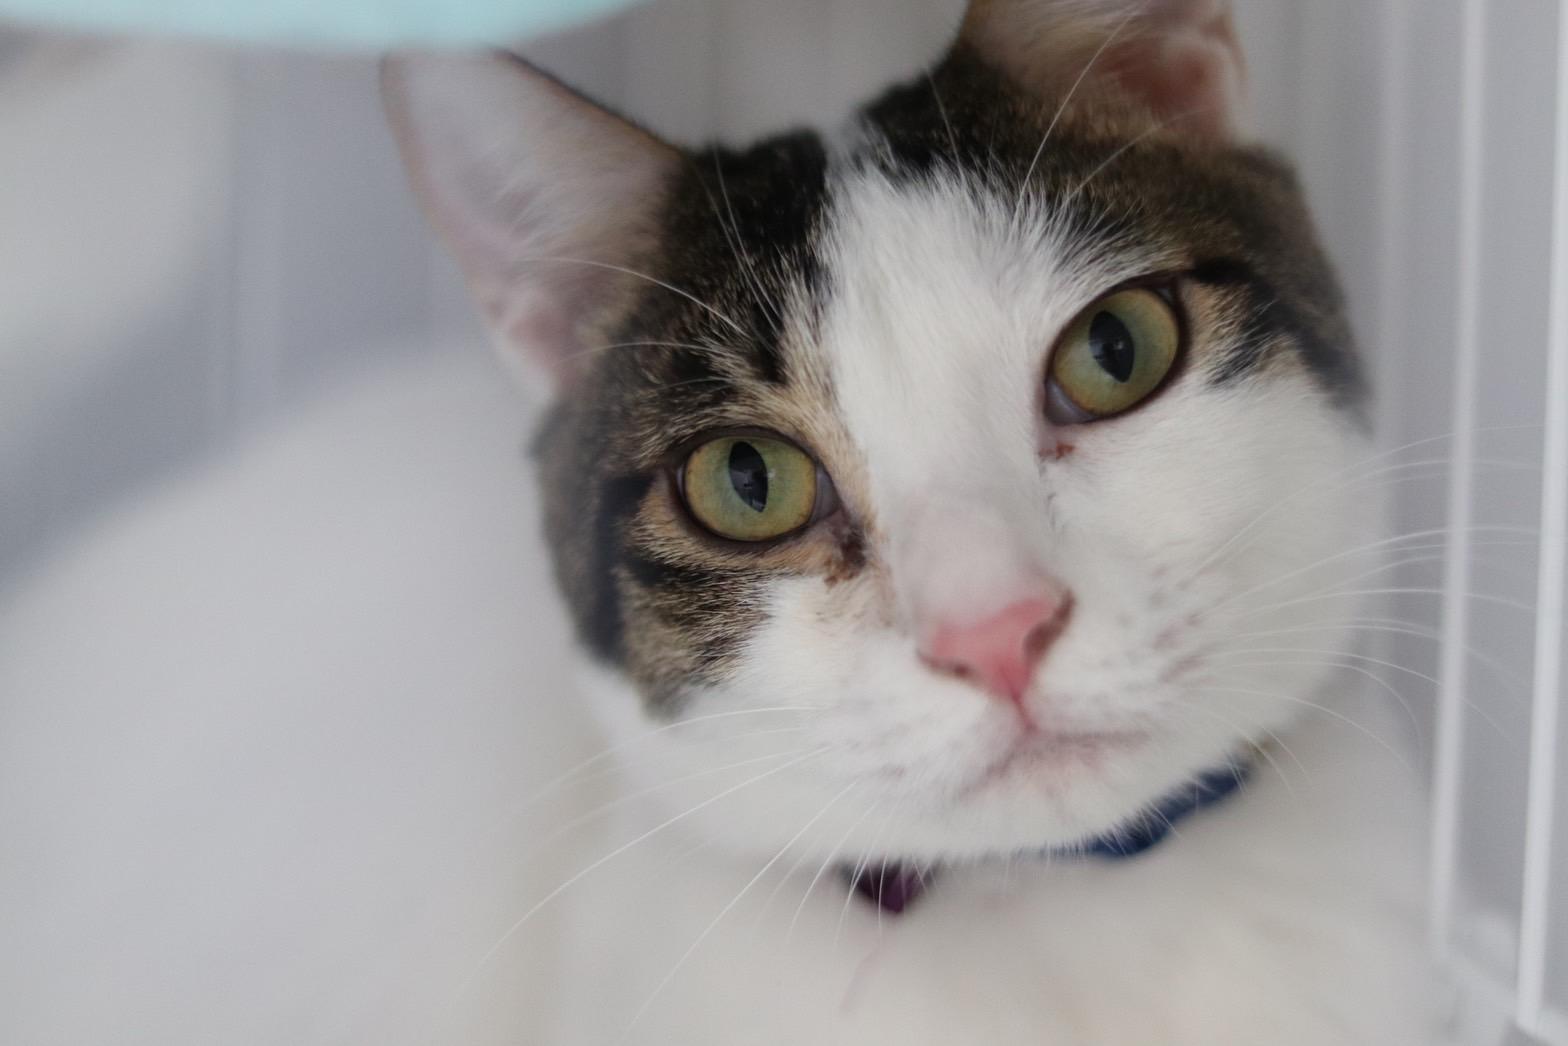 <ul> <li>猫種:日本猫</li> <li>名前(性別):にこ(男の子)</li> <li>年齢:2020年9月26日生まれ</li> <li>保護経緯:猫に咬まれて飼っていく自信がない</li> </ul>